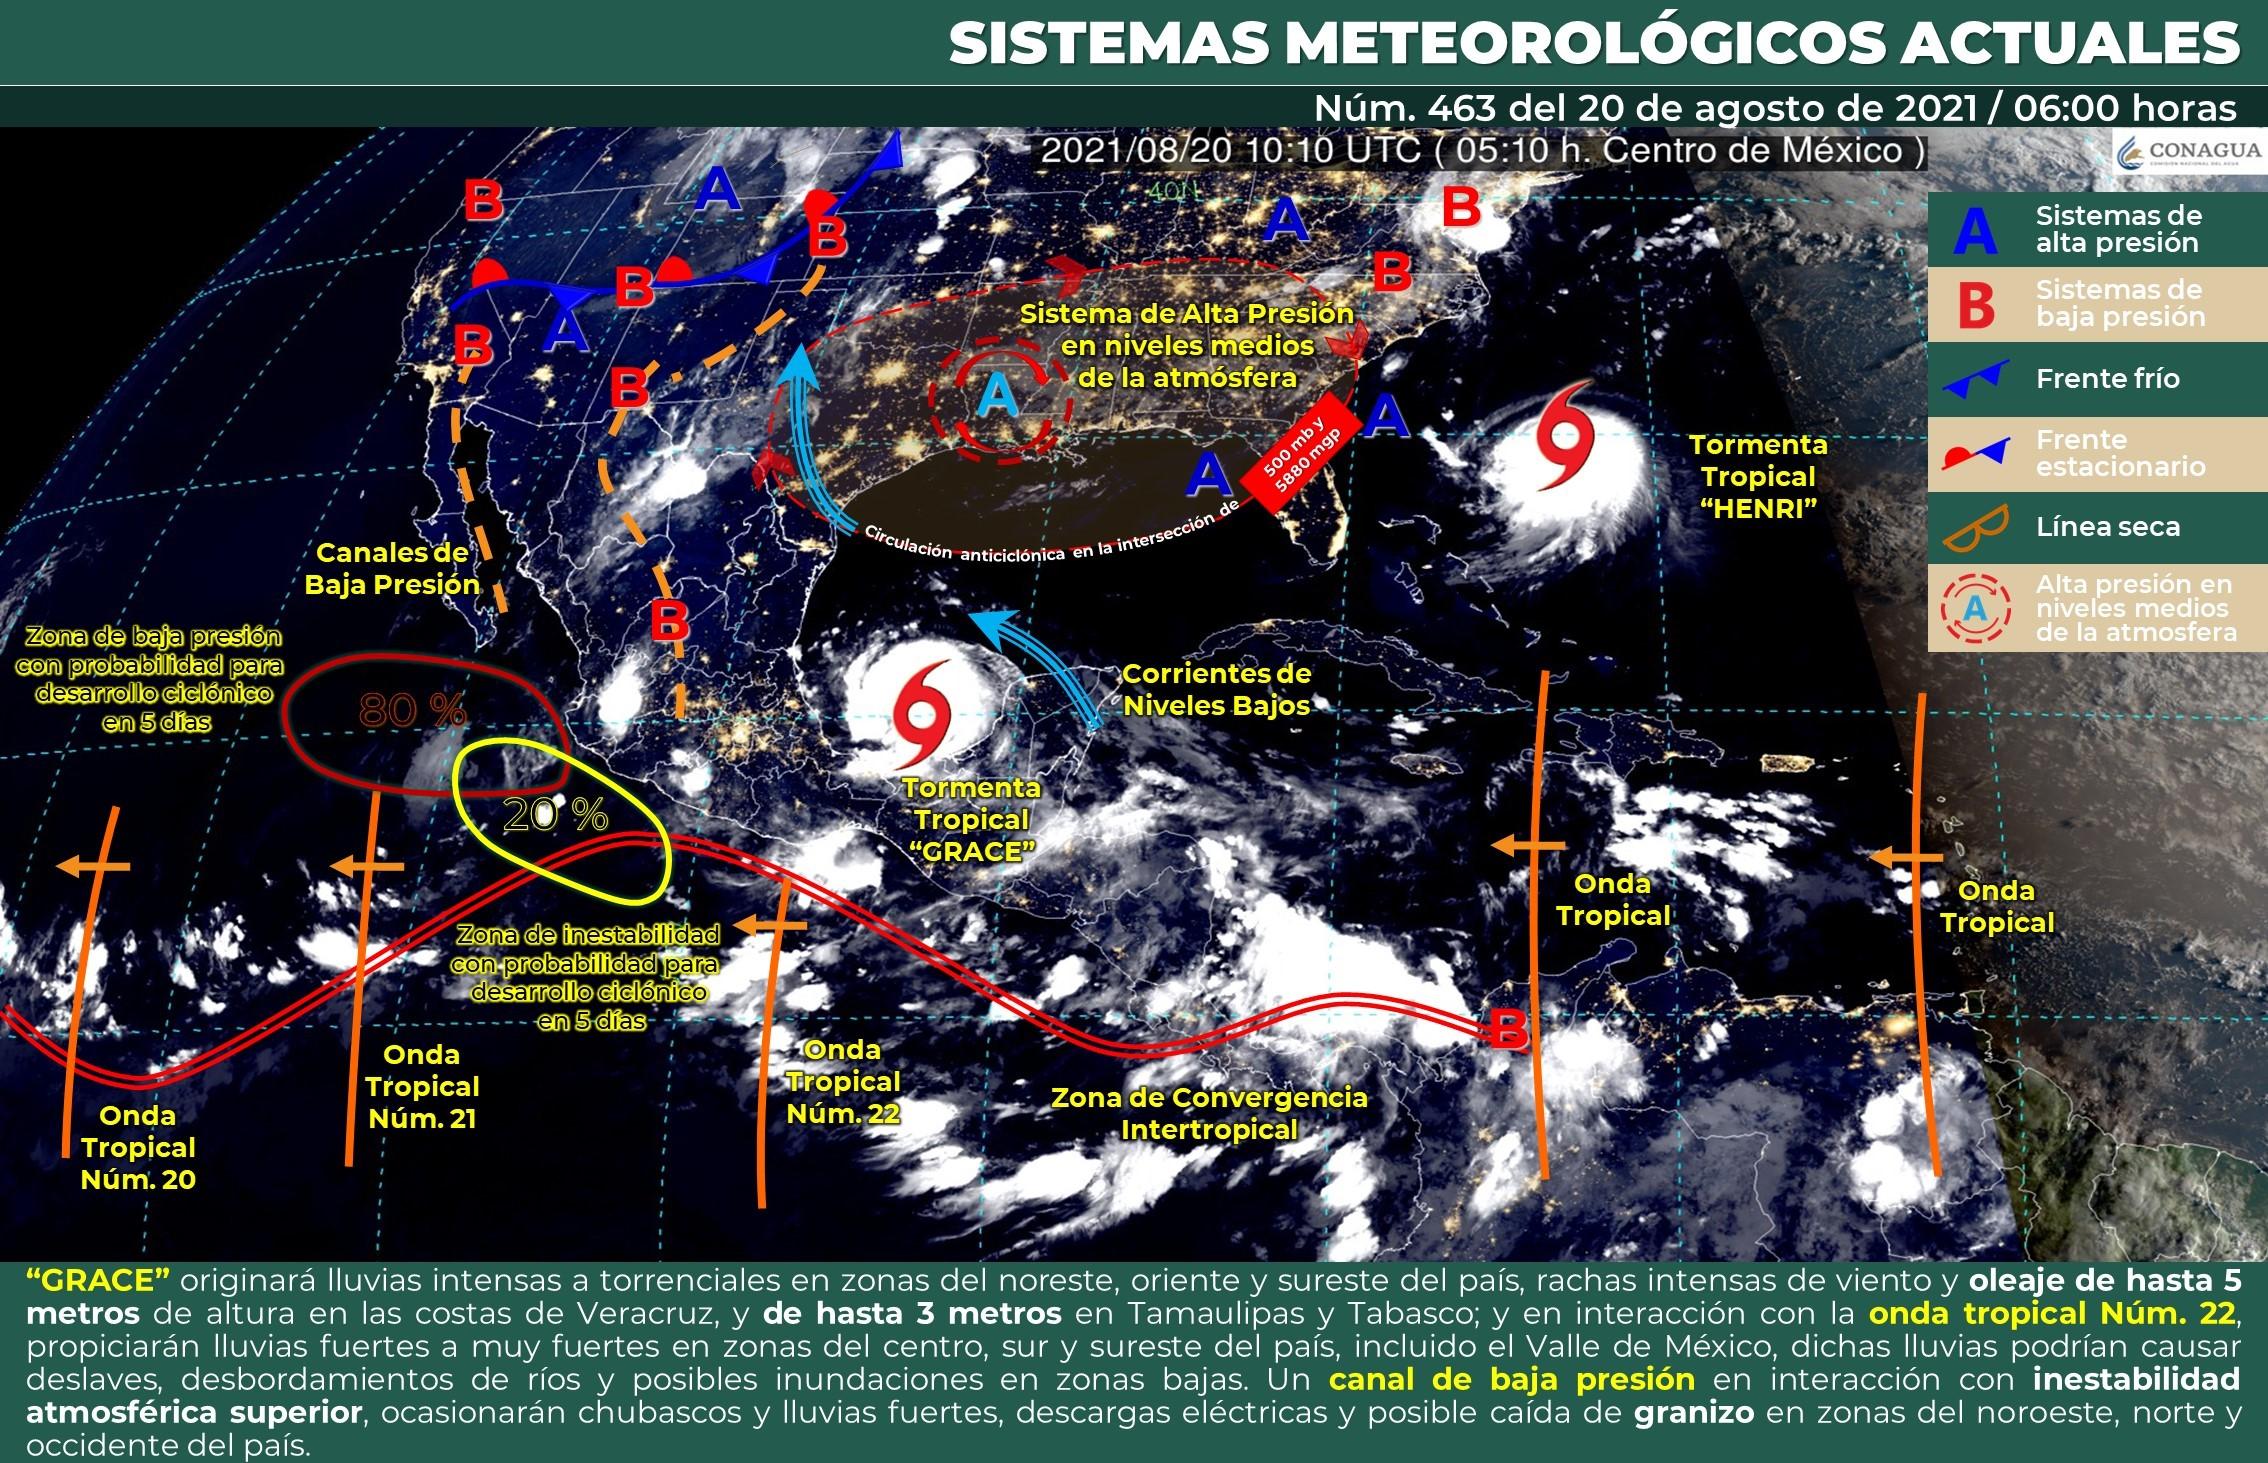 'Grace' reingresará por Veracruz, alertan por lluvias torrenciales